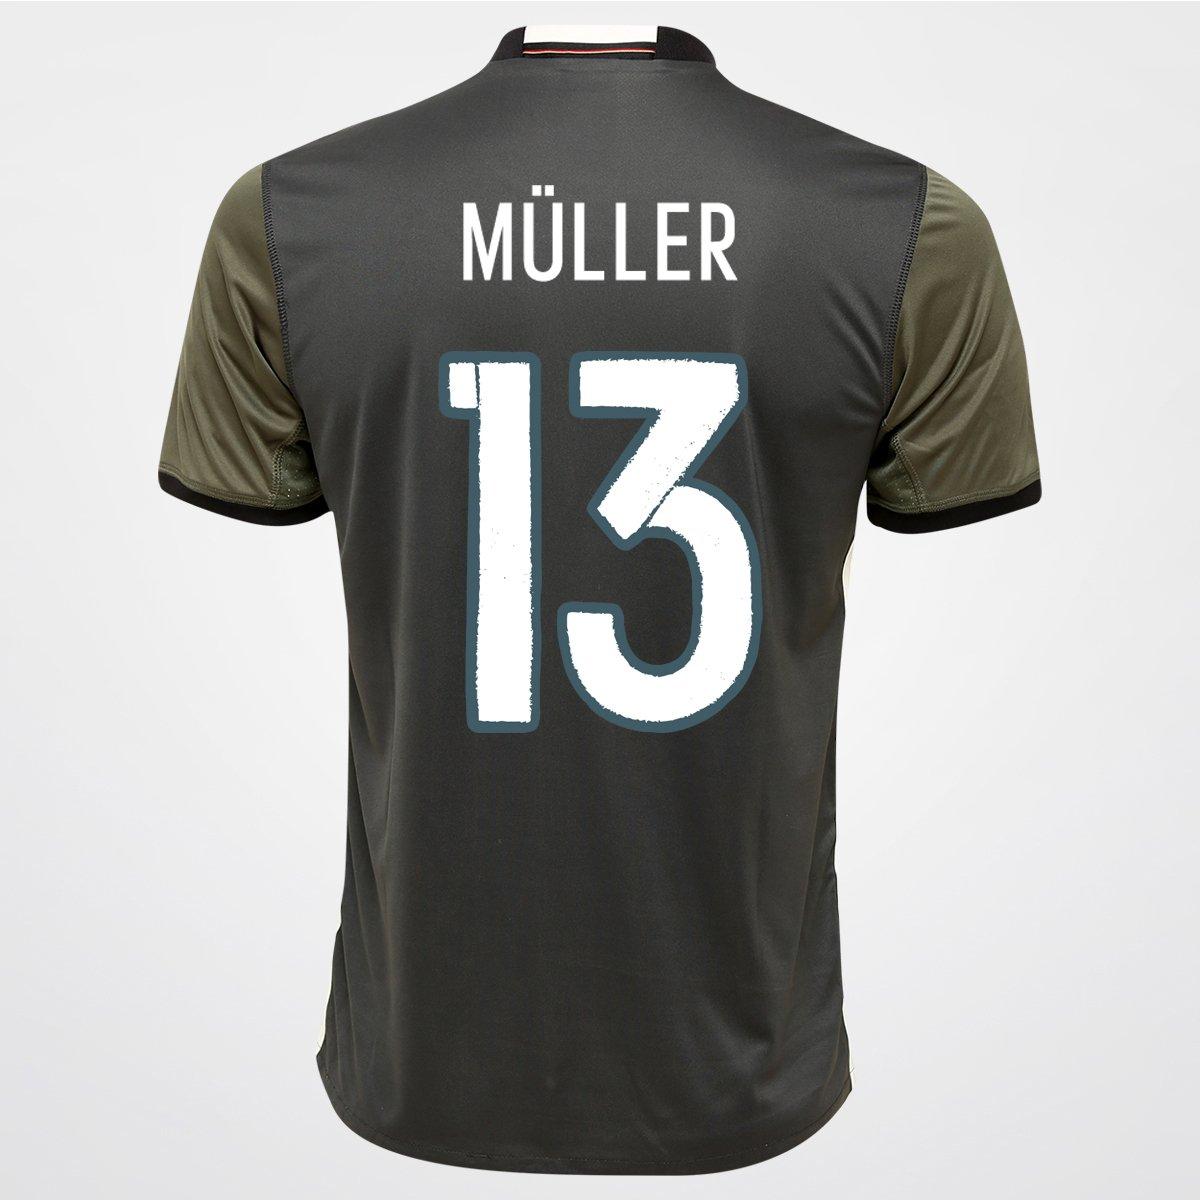 acba342040 Camisa Adidas Seleção Alemanha Away 2016 nº 13 - Müller - Compre Agora